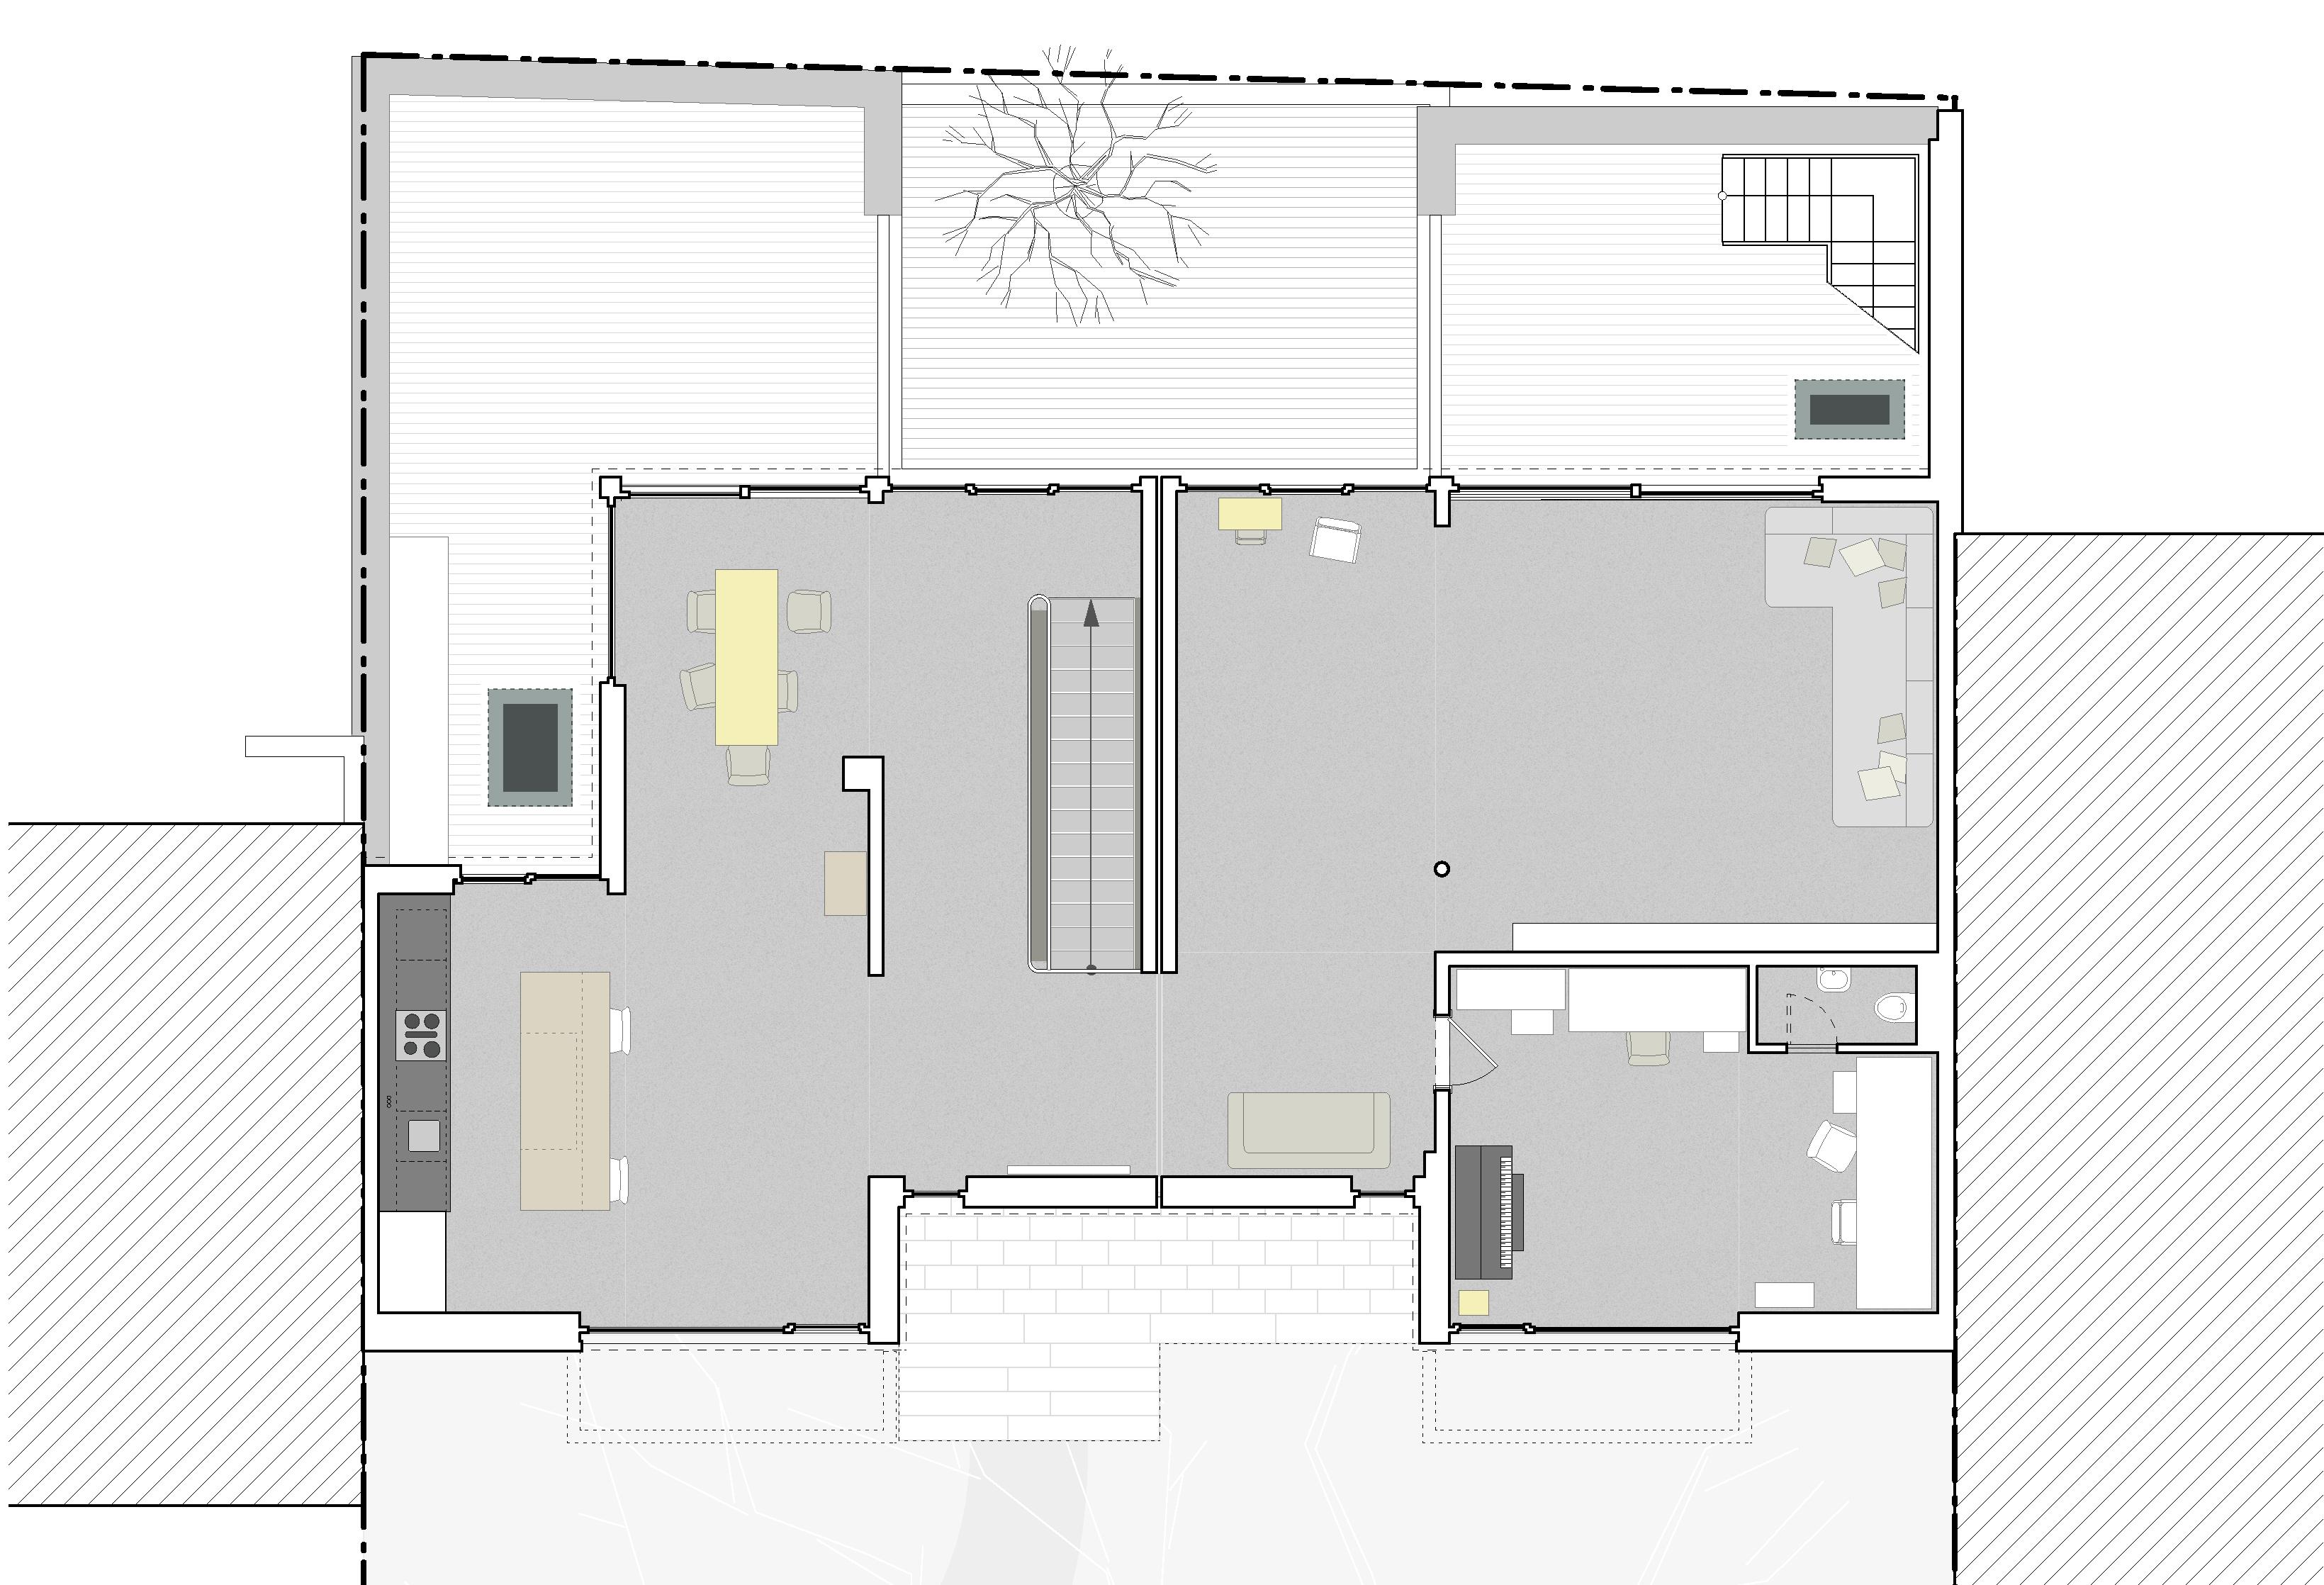 schroederstrasse_plan_og-2